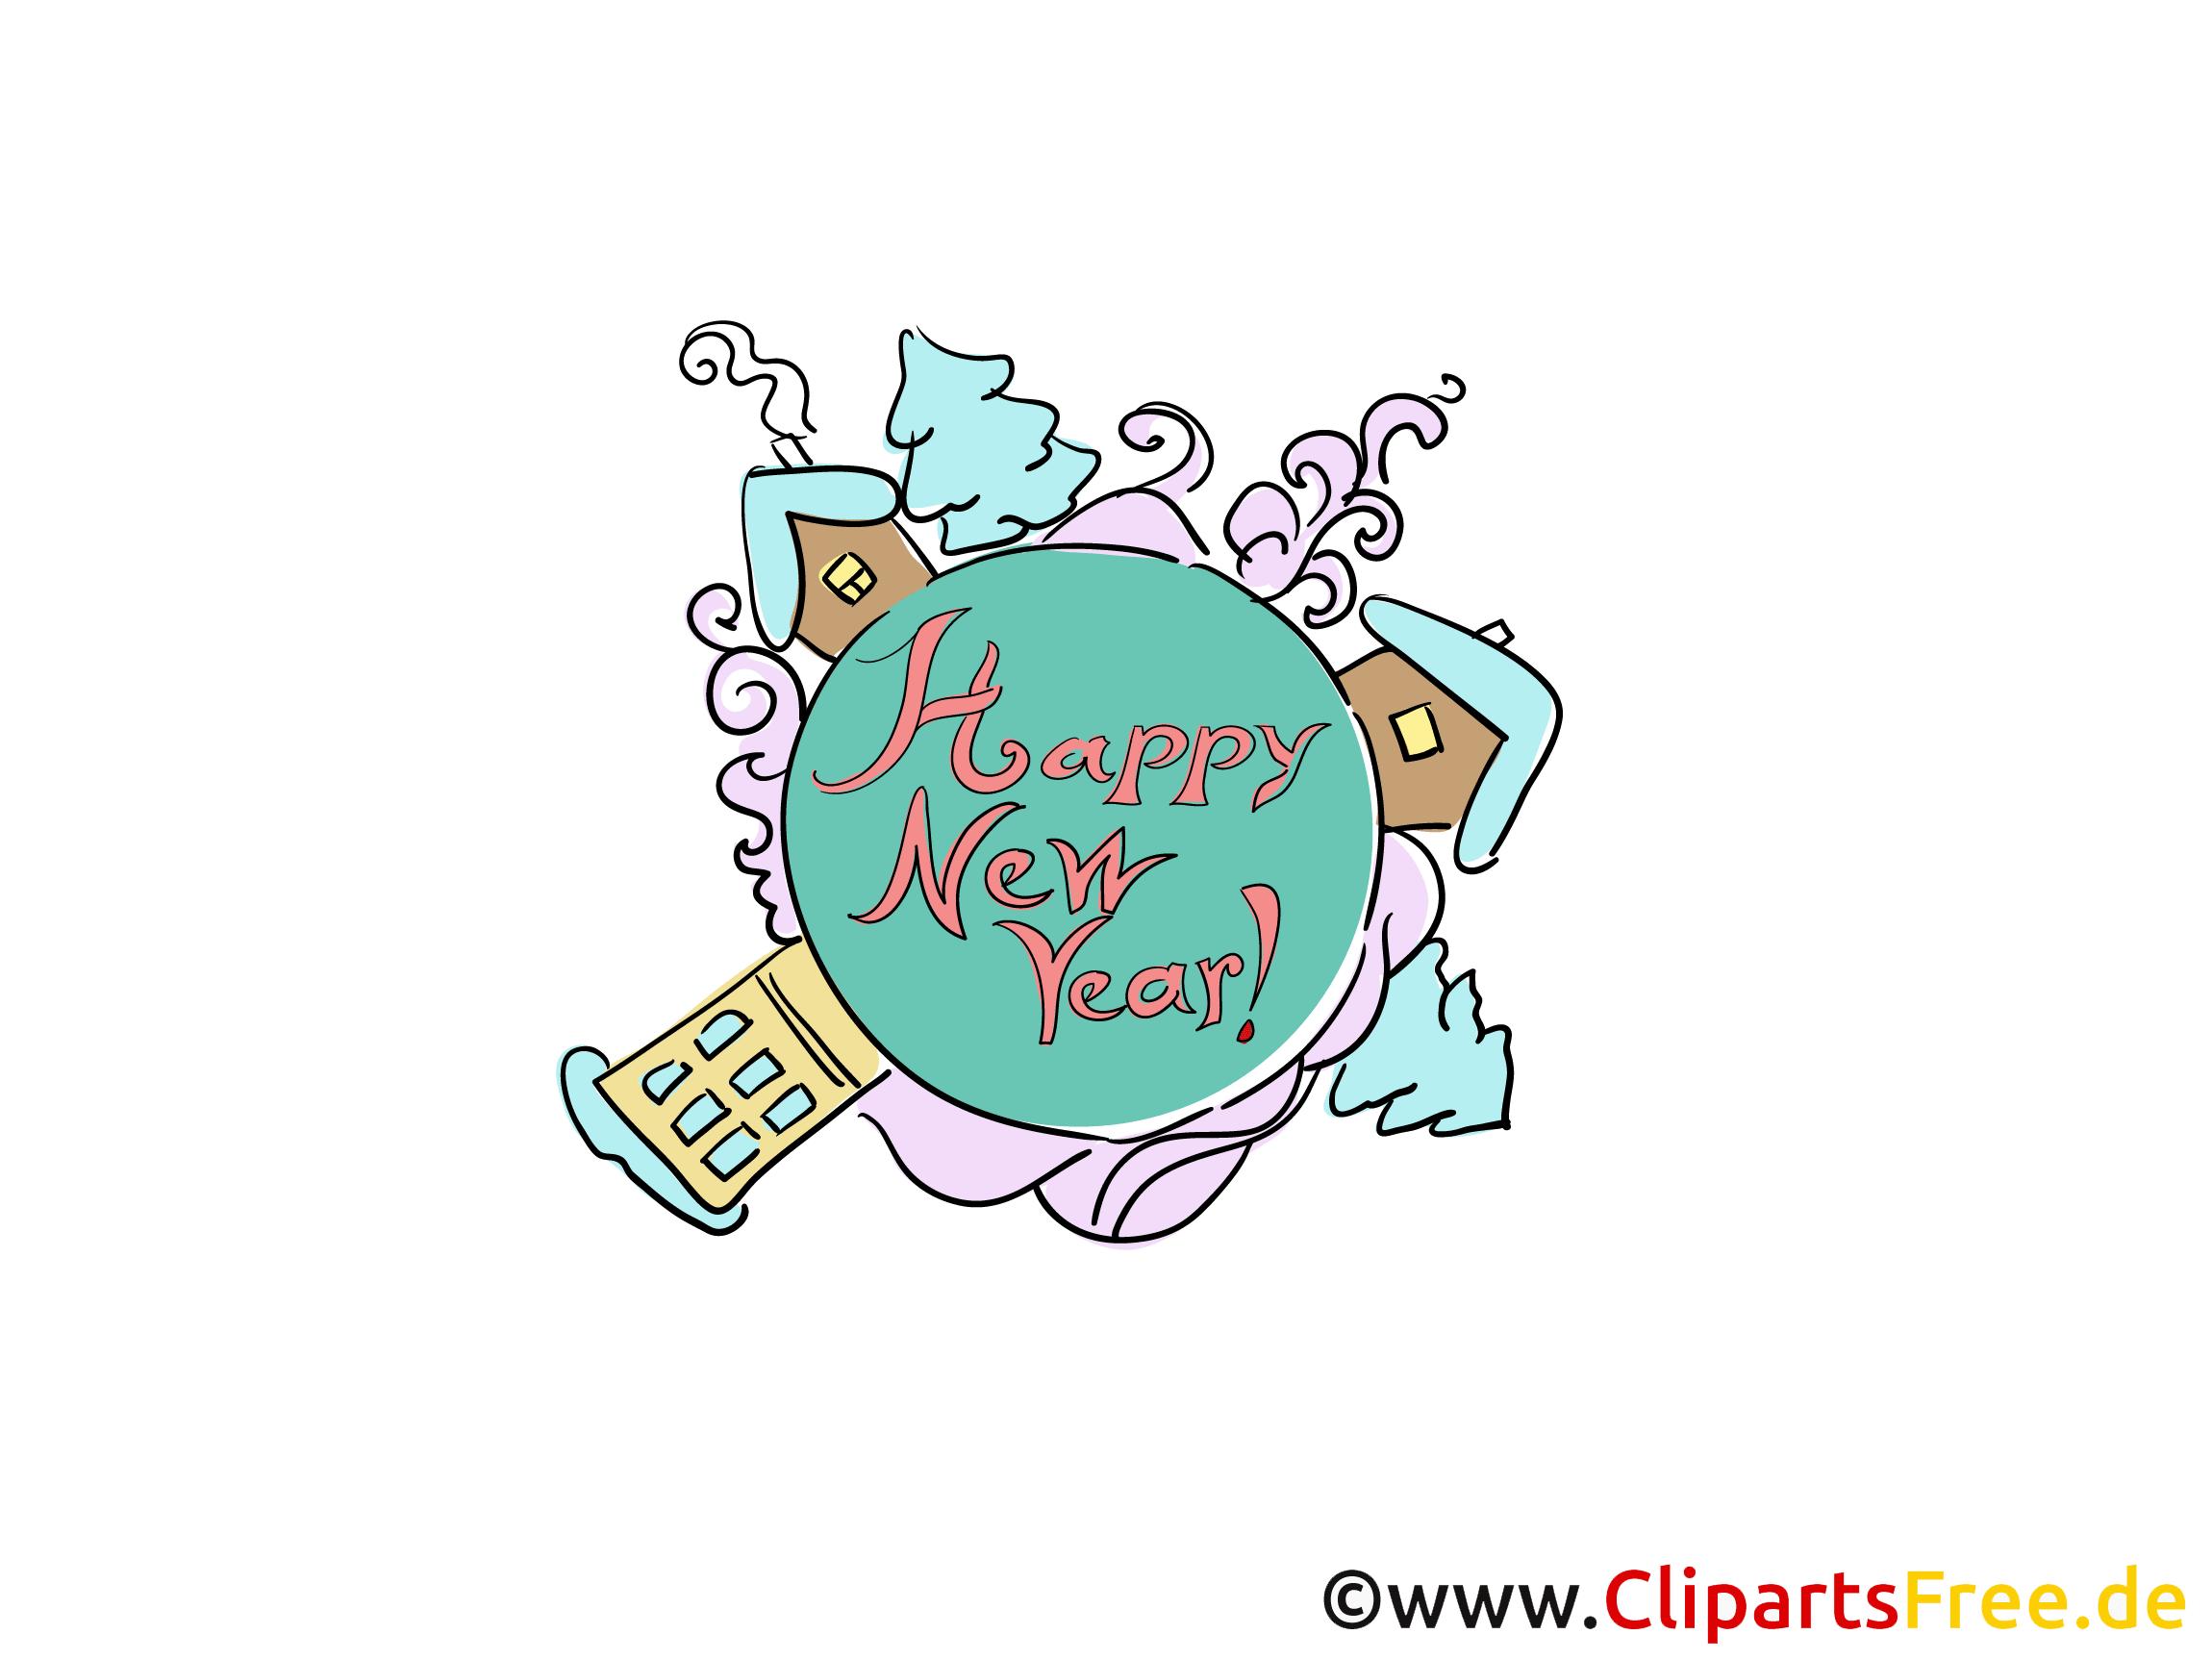 Cartes virtuelles de voeux Happy New Year